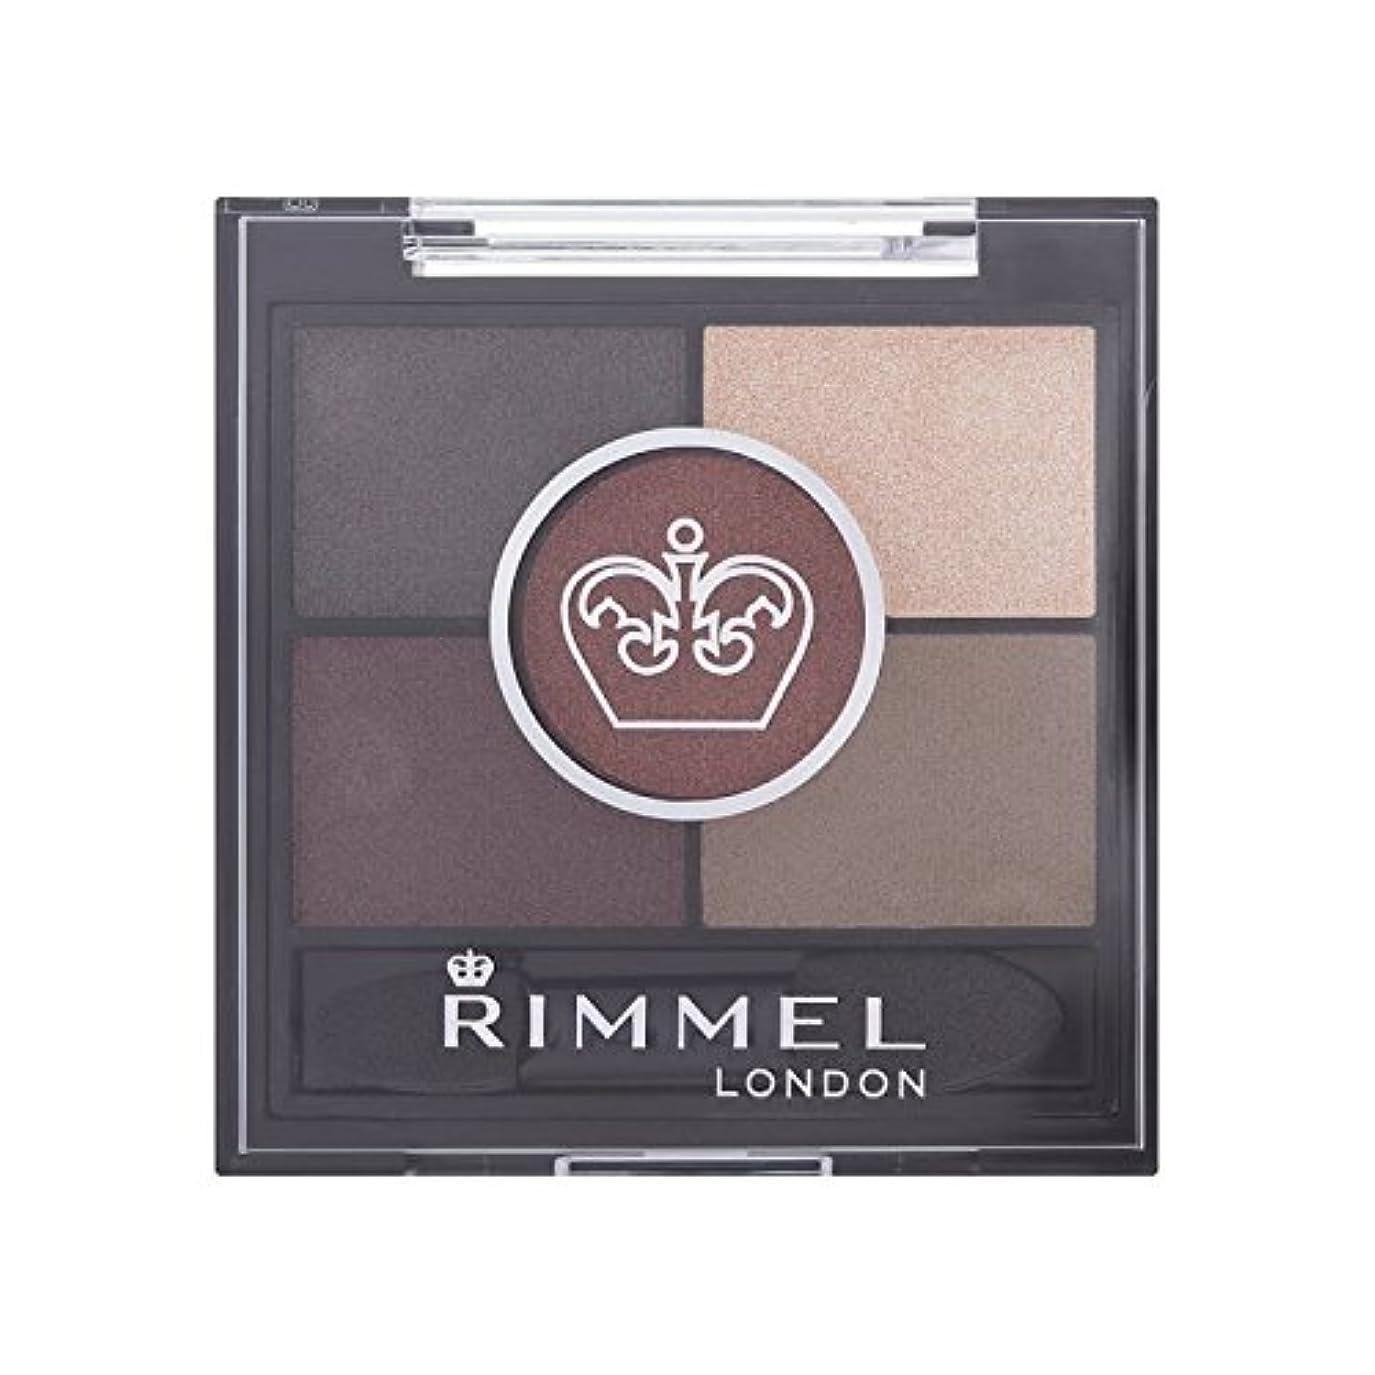 甘くするあらゆる種類の歩道Rimmel 5 Pan Eyeshadow Brixton Brown - 茶色のブリクストンリンメル5パンアイシャドウ [並行輸入品]